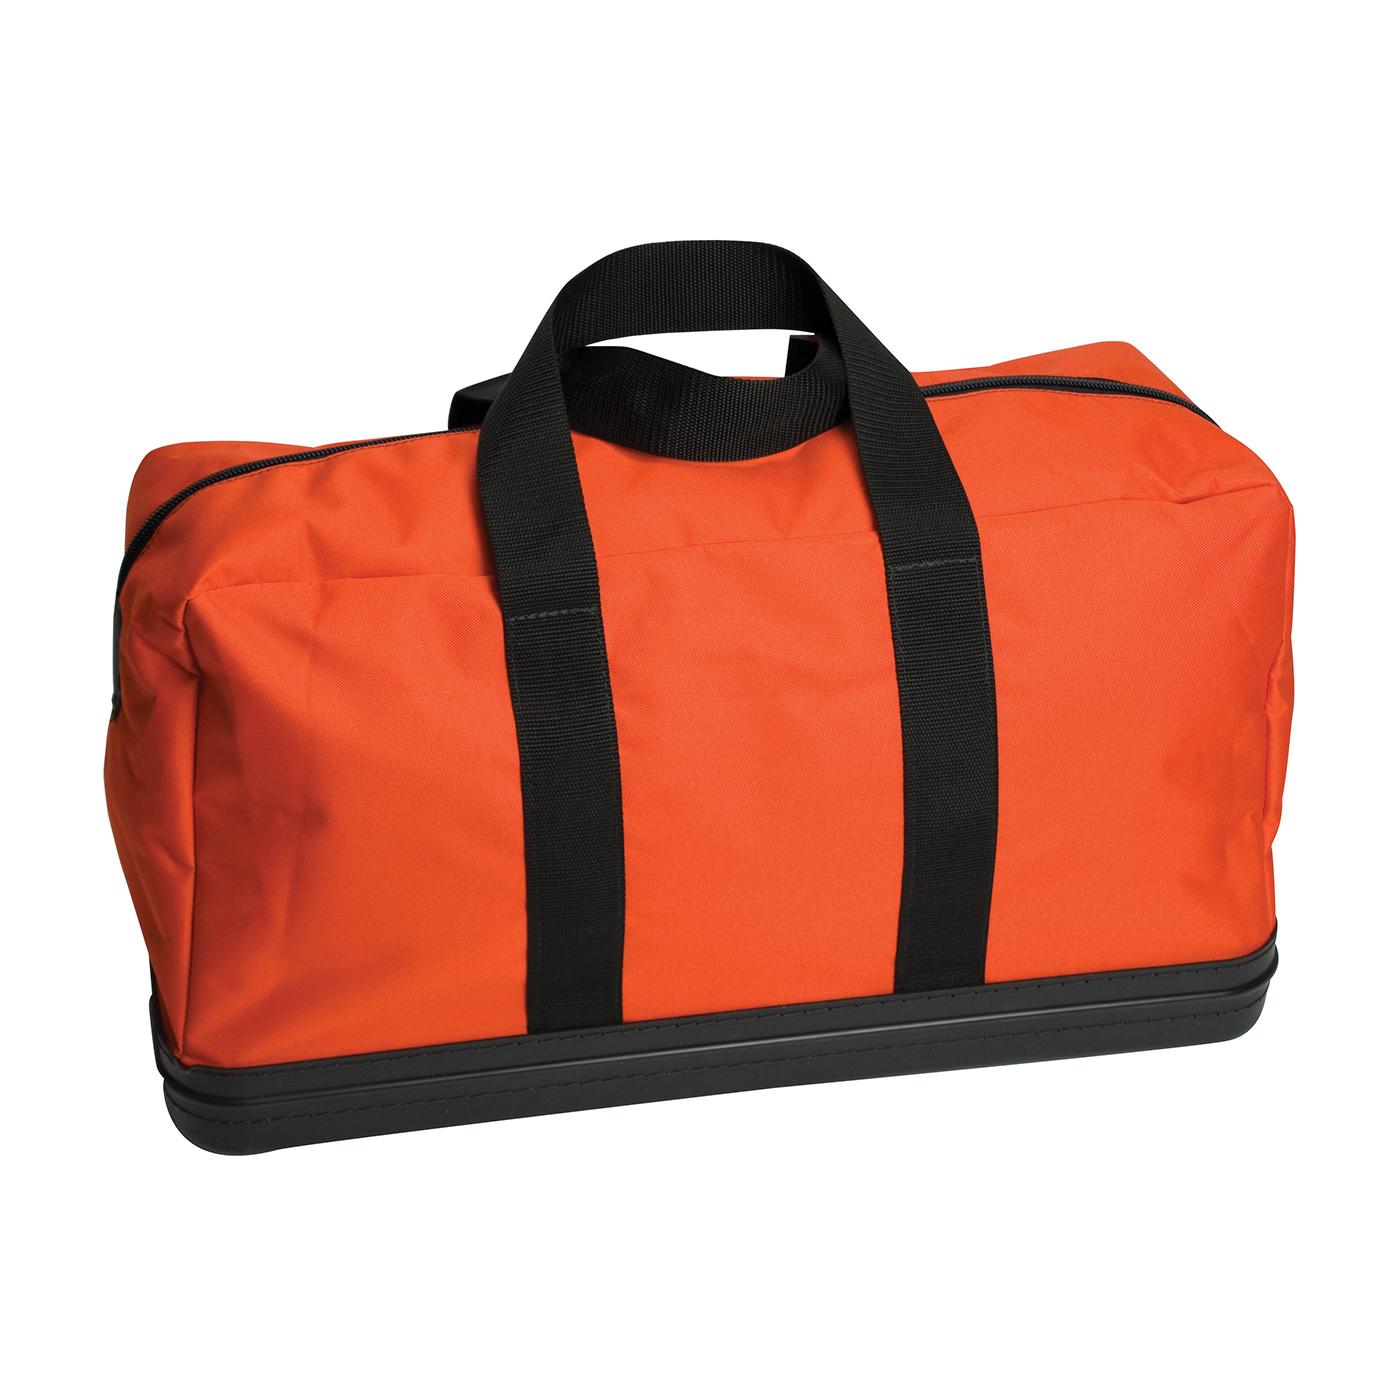 PIP® 9400-52599 HRC Kit Apparel Bag, Hi-Viz Orange, 600D Polyester/Molded Rubber Bottom, 13 in H x 10 in W x 24 in D